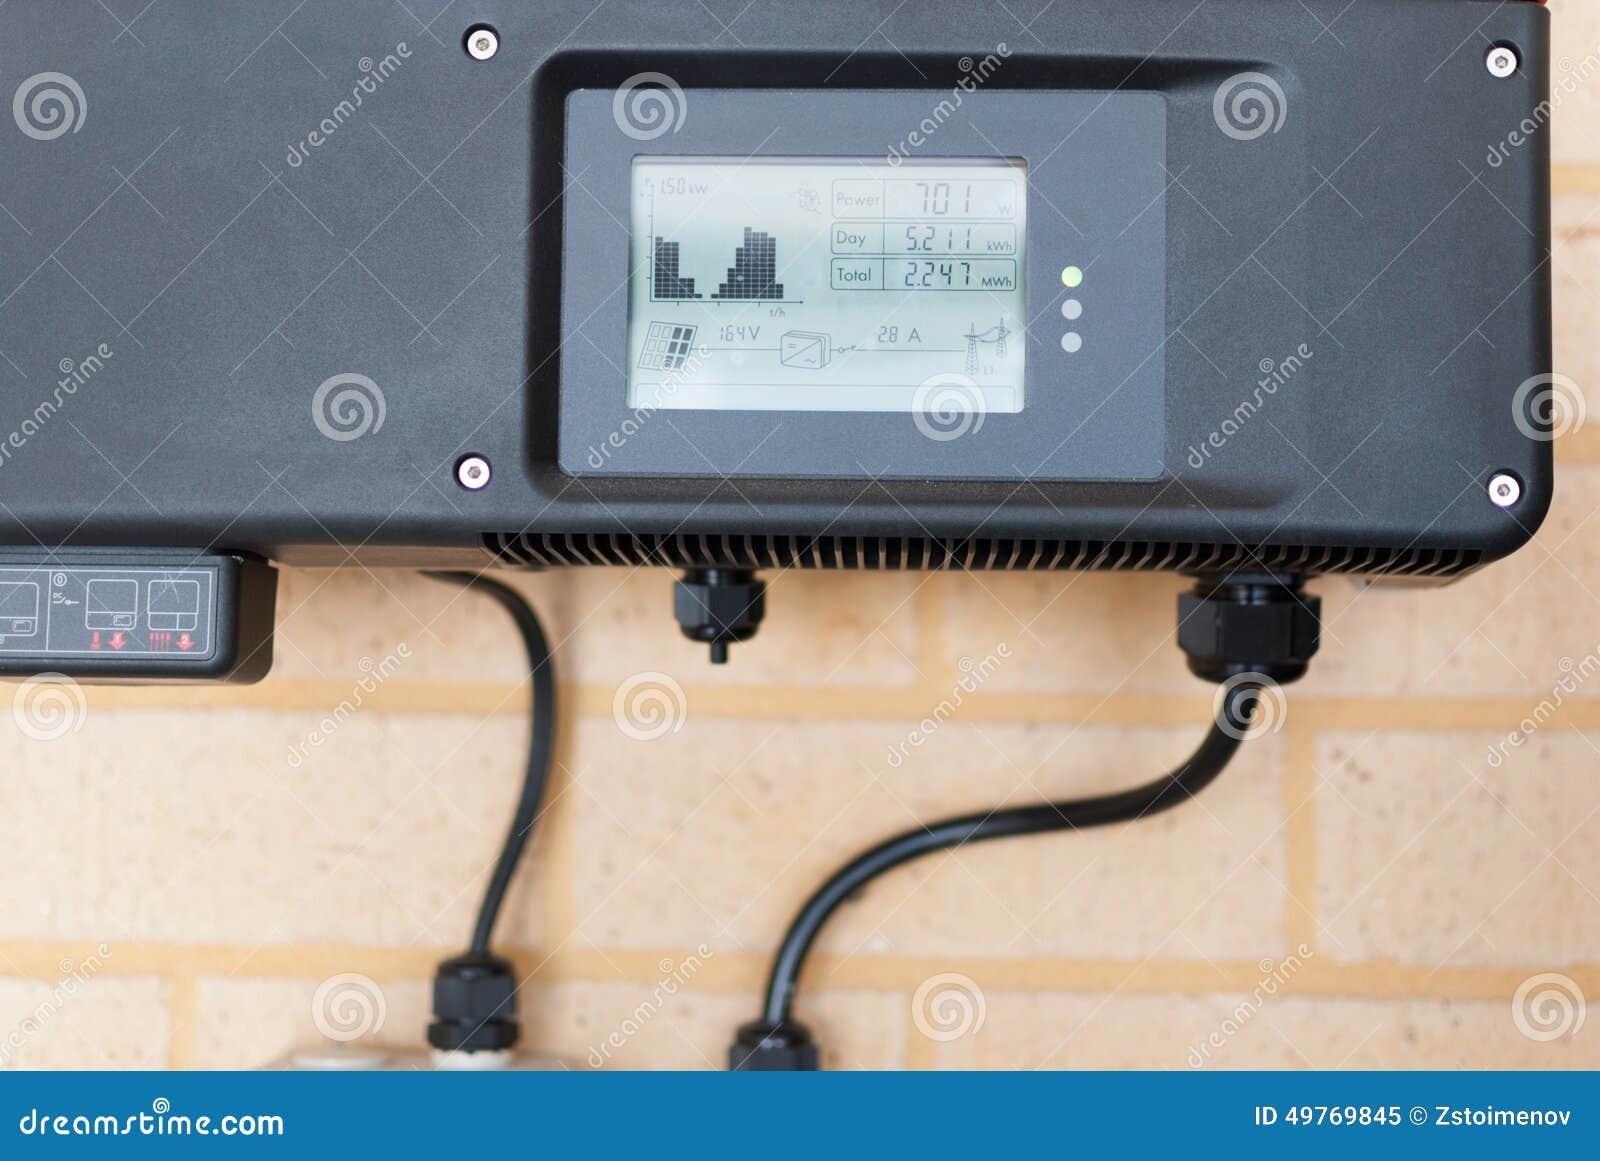 Photovoltaic omschakelaar in een huis wordt geïnstalleerd dat